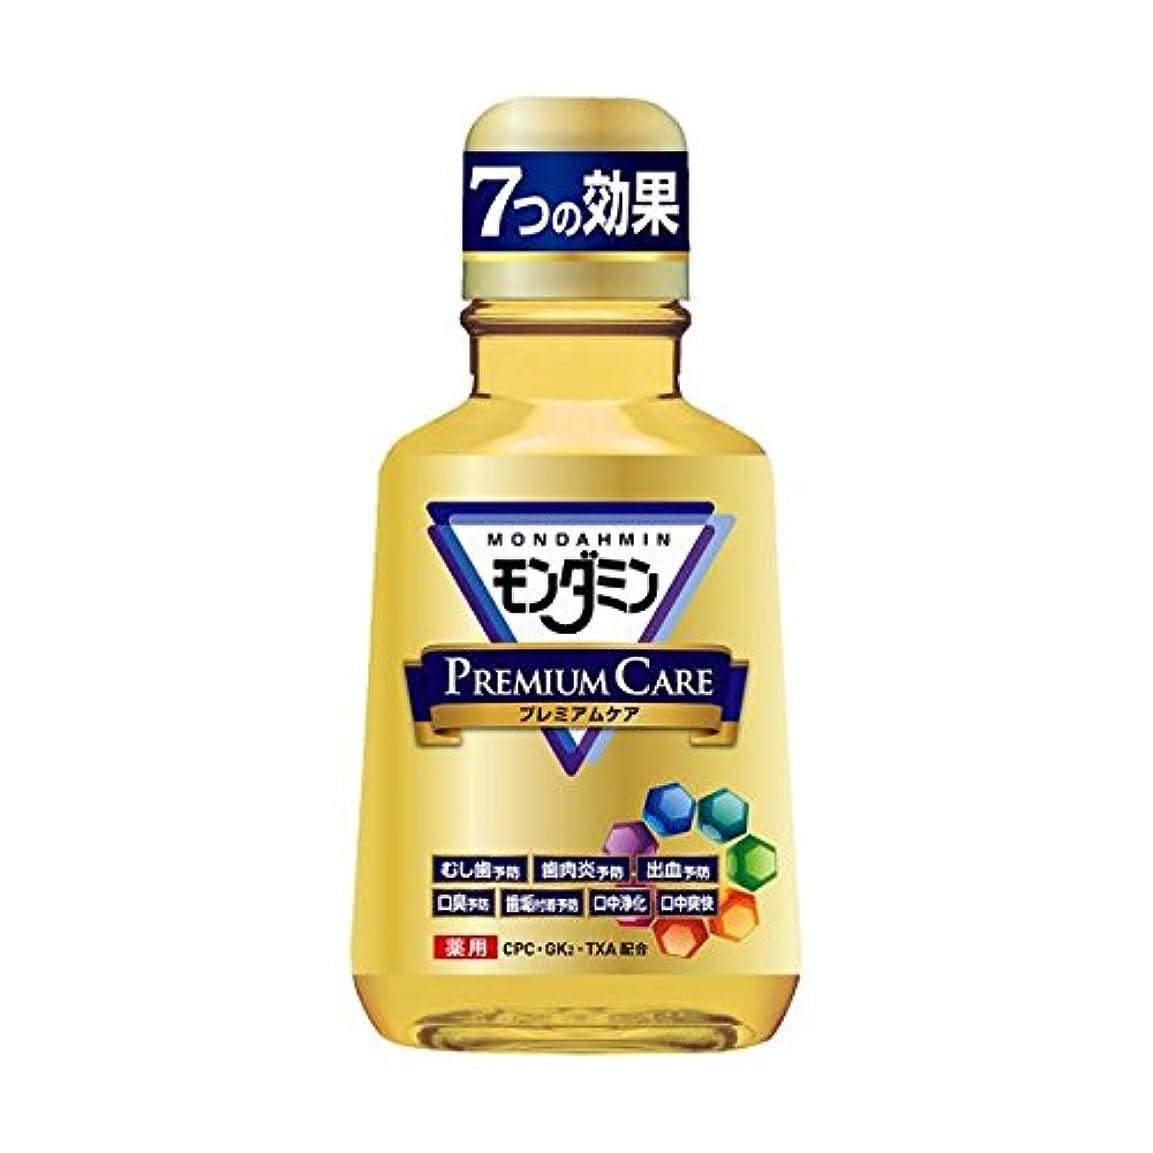 美徳アラート含めるモンダミン プレミアムケア ミニボトル × 5個セット